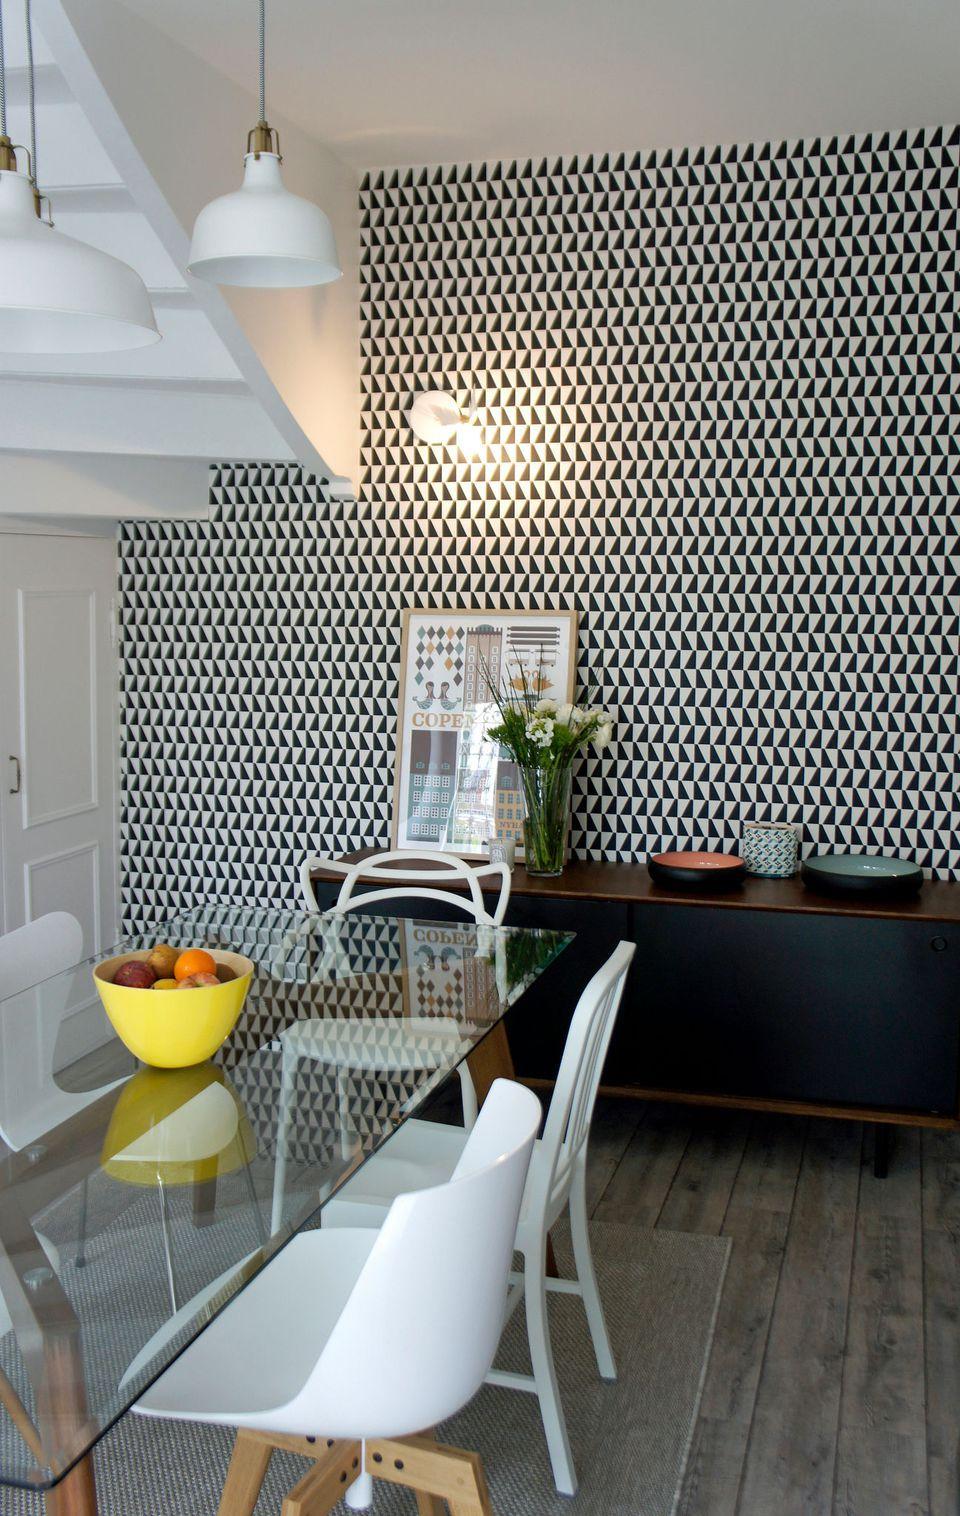 Salons Modernes, Landhaus, Wandgestaltung, Inneneinrichtung, Esszimmer,  Dekoration, Kaufen, Kreativ, Speisezimmereinrichtung